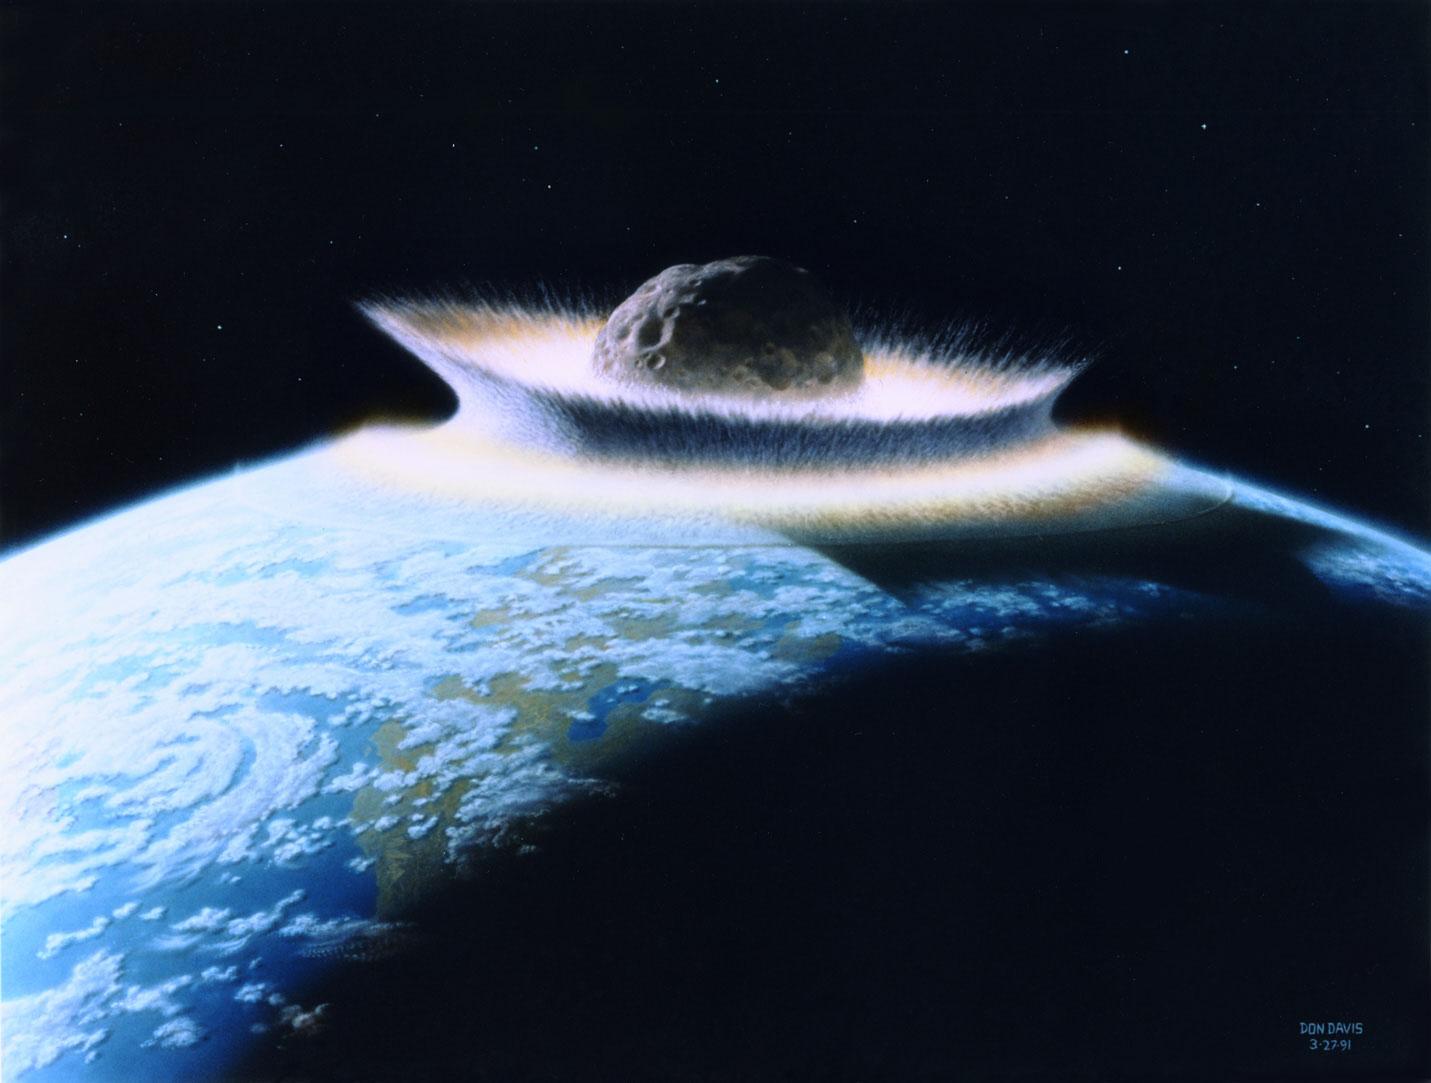 En enorm asteroide treffer jorda. Illustrasjon: NASA/D. Davis